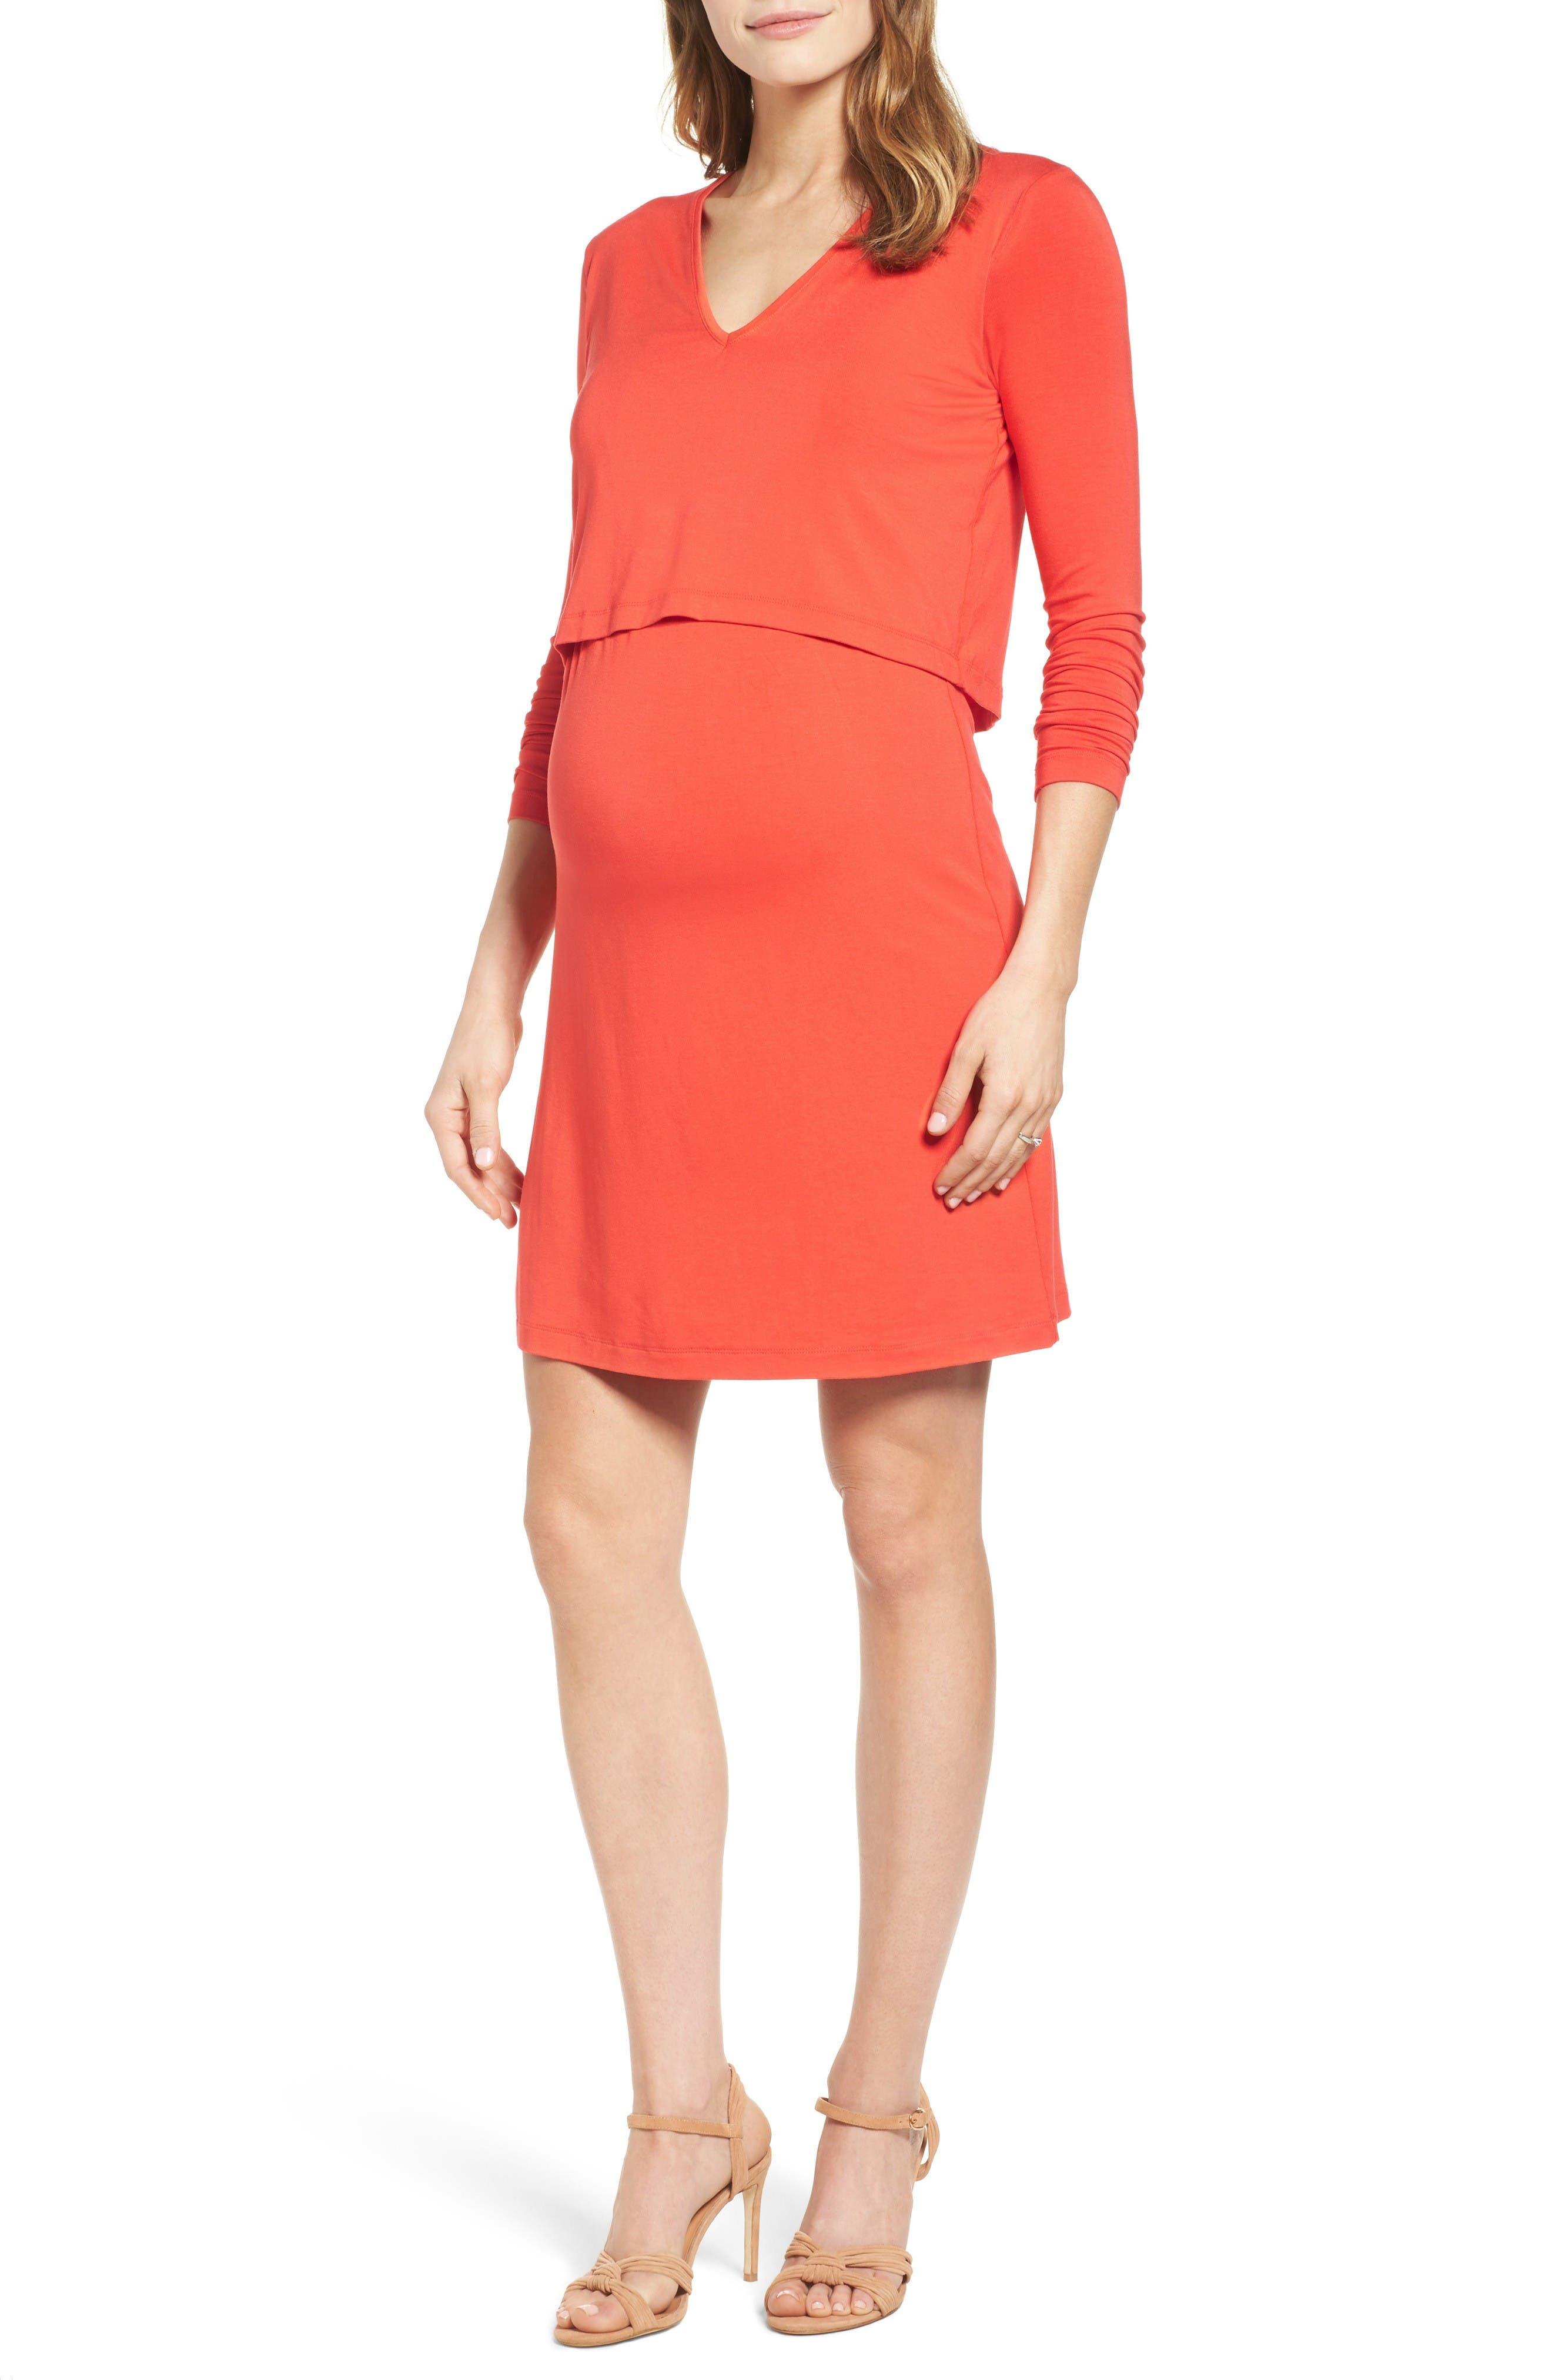 Isabella Oliver 'Webber' Nursing Sheath Dress